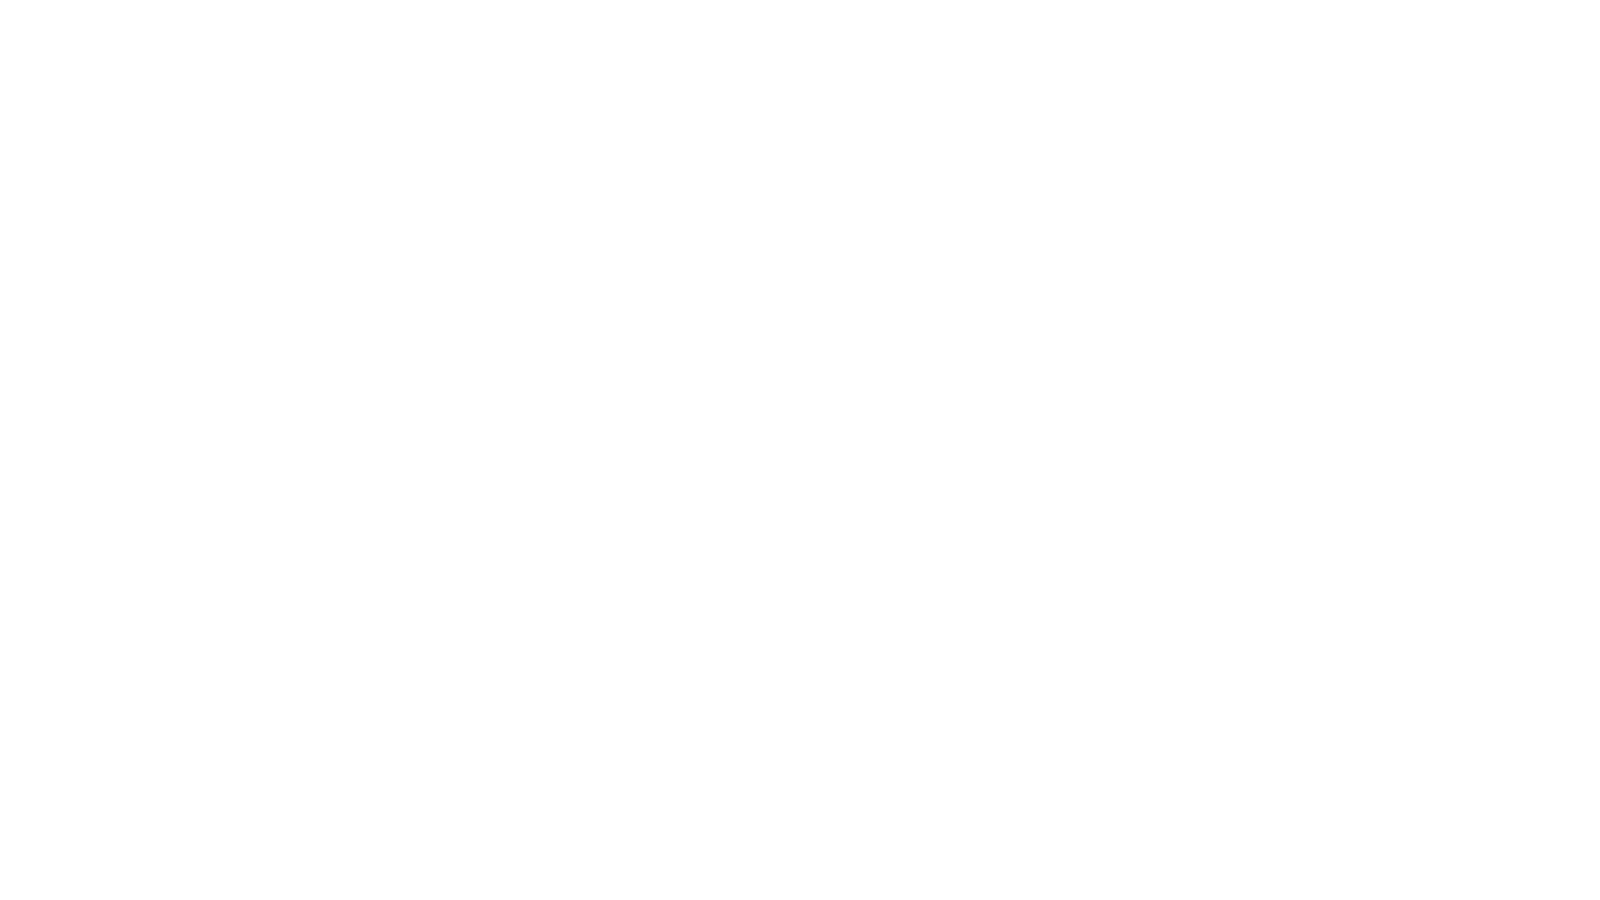 Česko-německá konference jako setkání českých a německých geoparků a navázání vzájemné spolupráce. Vzhledem k situaci však konference byla setkáním geoparků nad novými nápady na interpretaci geologického dědictví pro vzájemnou inspiraci. Zároveň při výročí 110 let od vydání posledního svazku Système silurien du centre de la Bohême, který se stal mottem byla akci udělena záštita České komise UNESCO. První den konference se v dopoledních hodinách představili geoparky a jejich aktivity. Odpoledne je doplní představení slovenských geoparků, které rozšířili původně plánovanou konferenci. Zároveň se v odpolední části k představí GEOFOOD geoparkem Magma. V odborné části bude připomenuta osobnost Joachima Barrande. Podrobnosti o životě této osobnosti přednese dr. Jan Sklenář z Národního muzea.